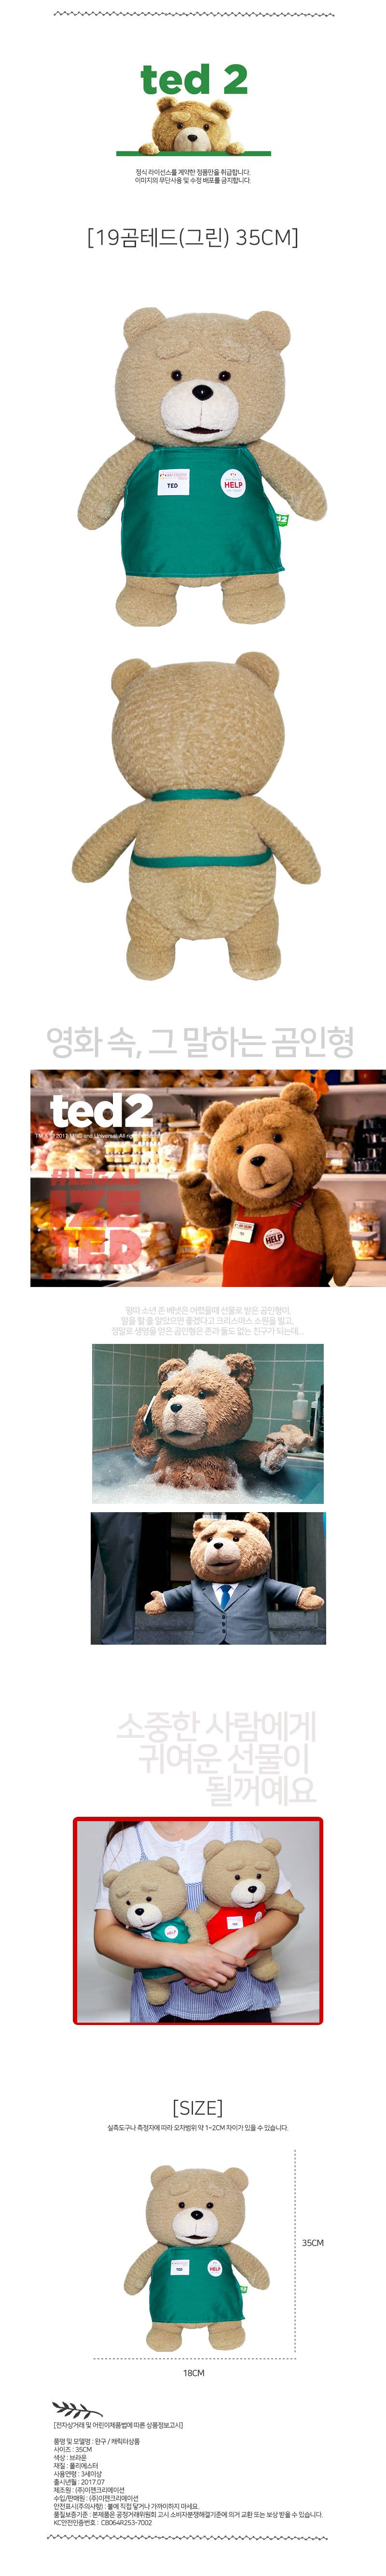 TED2 영화 속 테드 곰인형 선물 35CM 그린18,000원-이젠돌스키덜트/취미, 패브릭인형, 캐릭터인형, 기타 캐릭터 인형바보사랑TED2 영화 속 테드 곰인형 선물 35CM 그린18,000원-이젠돌스키덜트/취미, 패브릭인형, 캐릭터인형, 기타 캐릭터 인형바보사랑